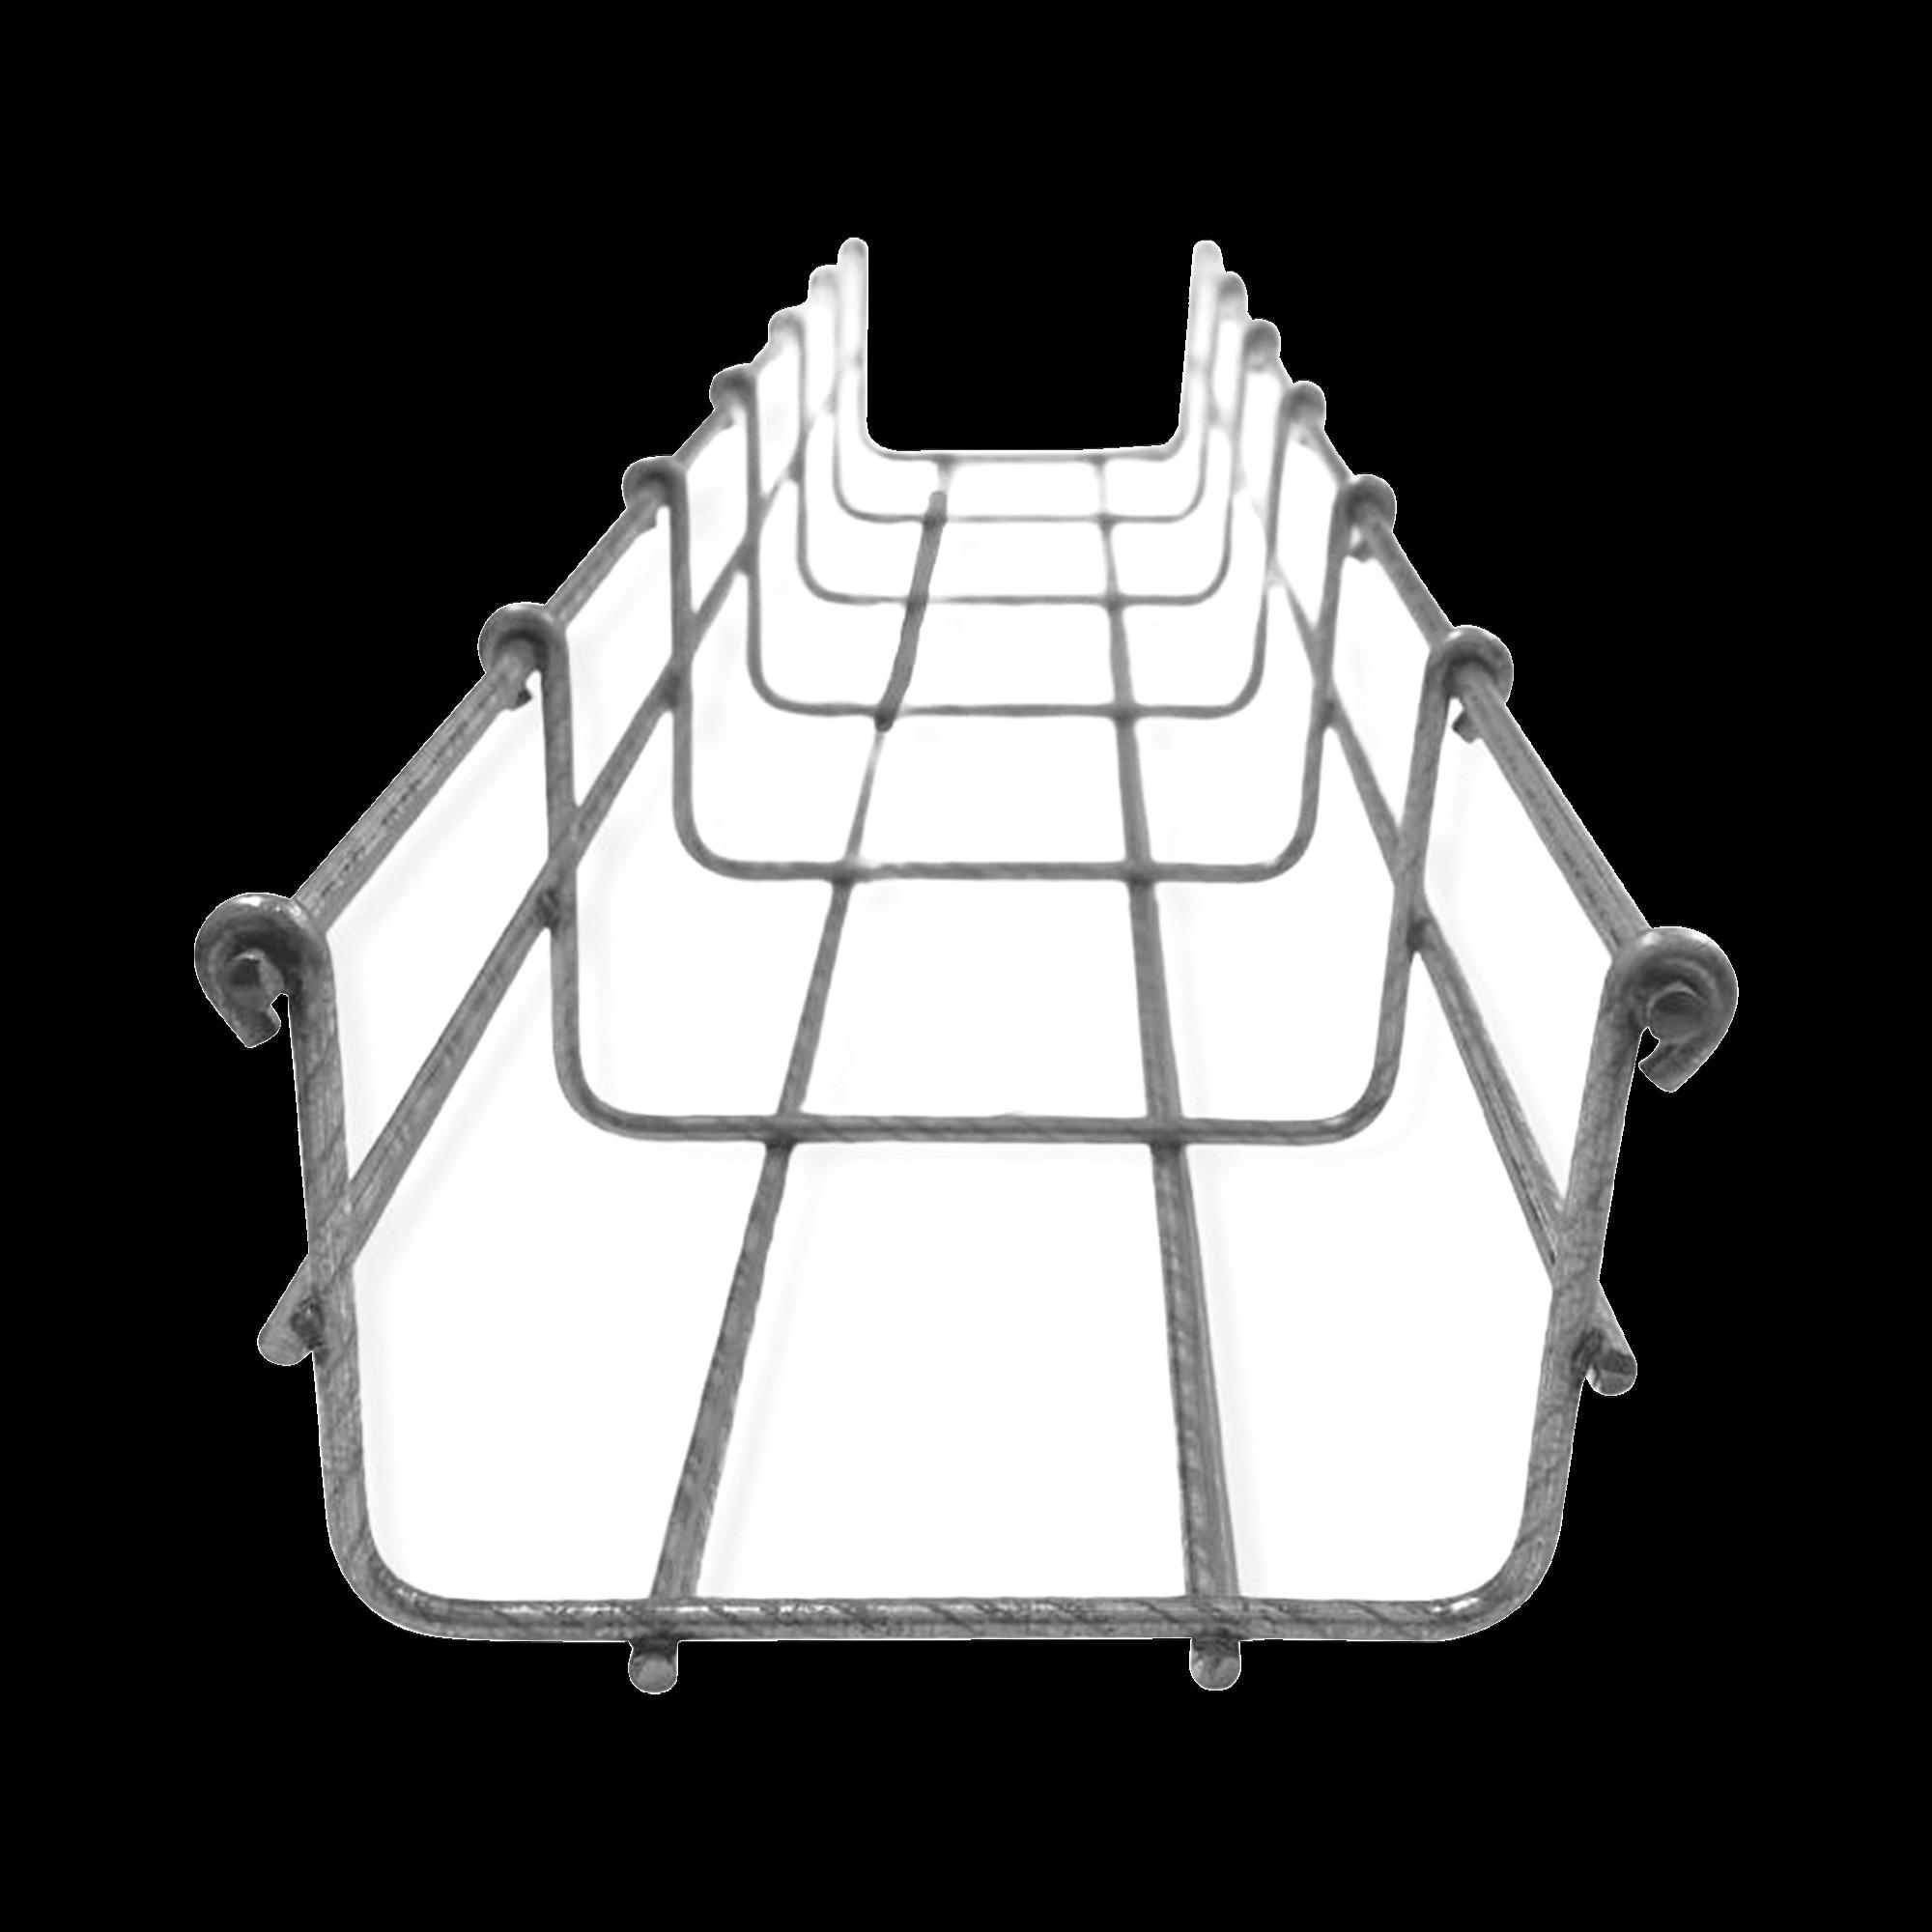 Charola tipo malla 66/100 mm BIMETáLICA para Instalación en Exterior o Interior, Extrema Resistencia y Durabilidad. Hasta 105 cables Cat6 (Tramo de 3 metros)